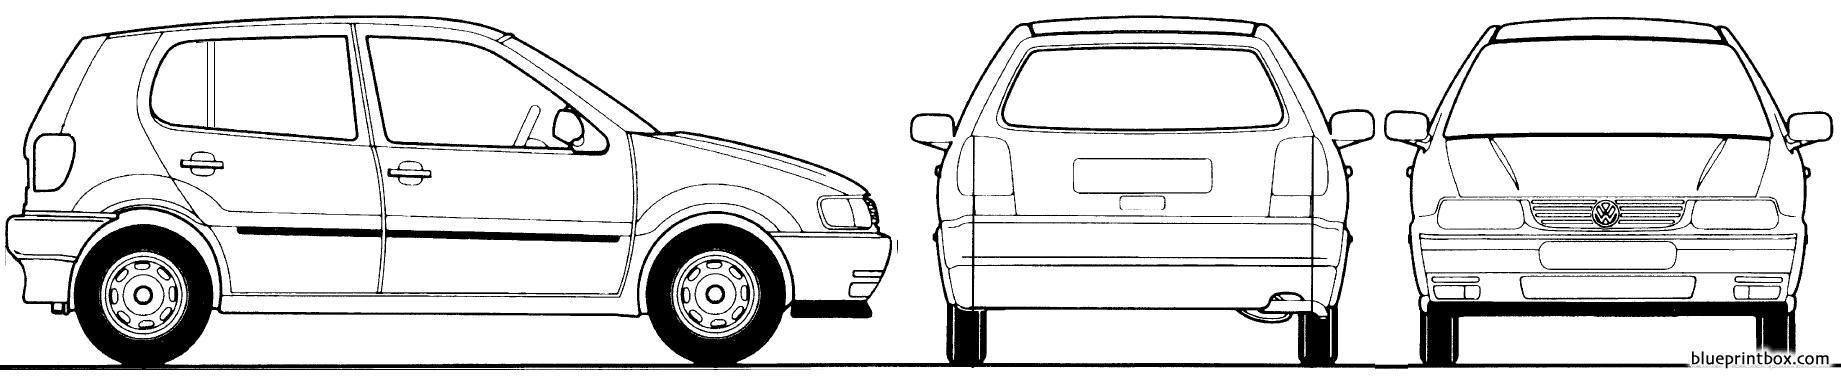 Volkswagen Polo 5 Door 1995 - Blueprintbox Com